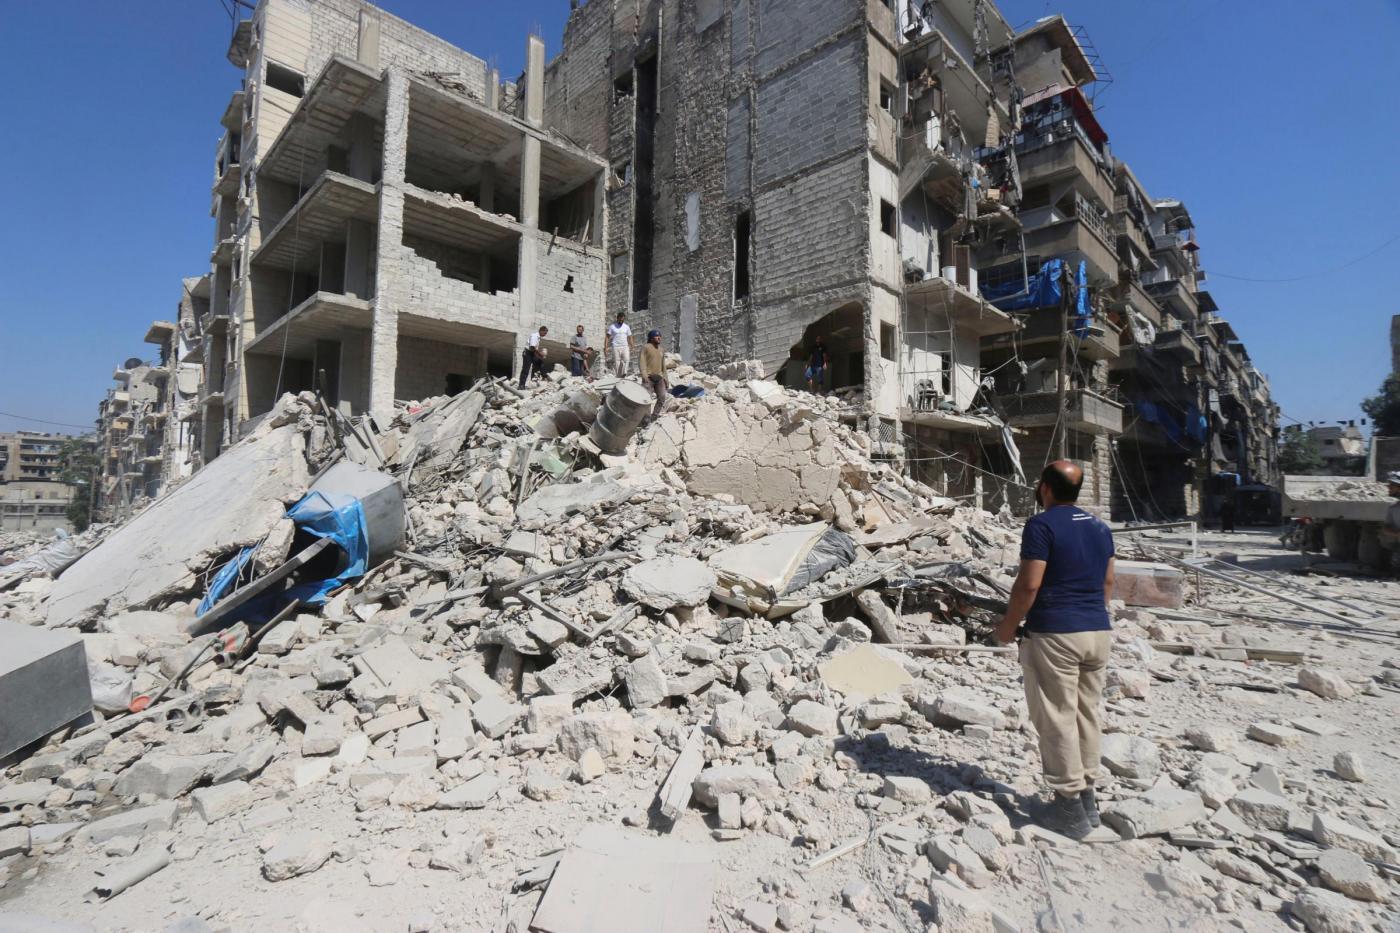 Siria: quattro ospedali bombardati da raid aerei, morto un bimbo